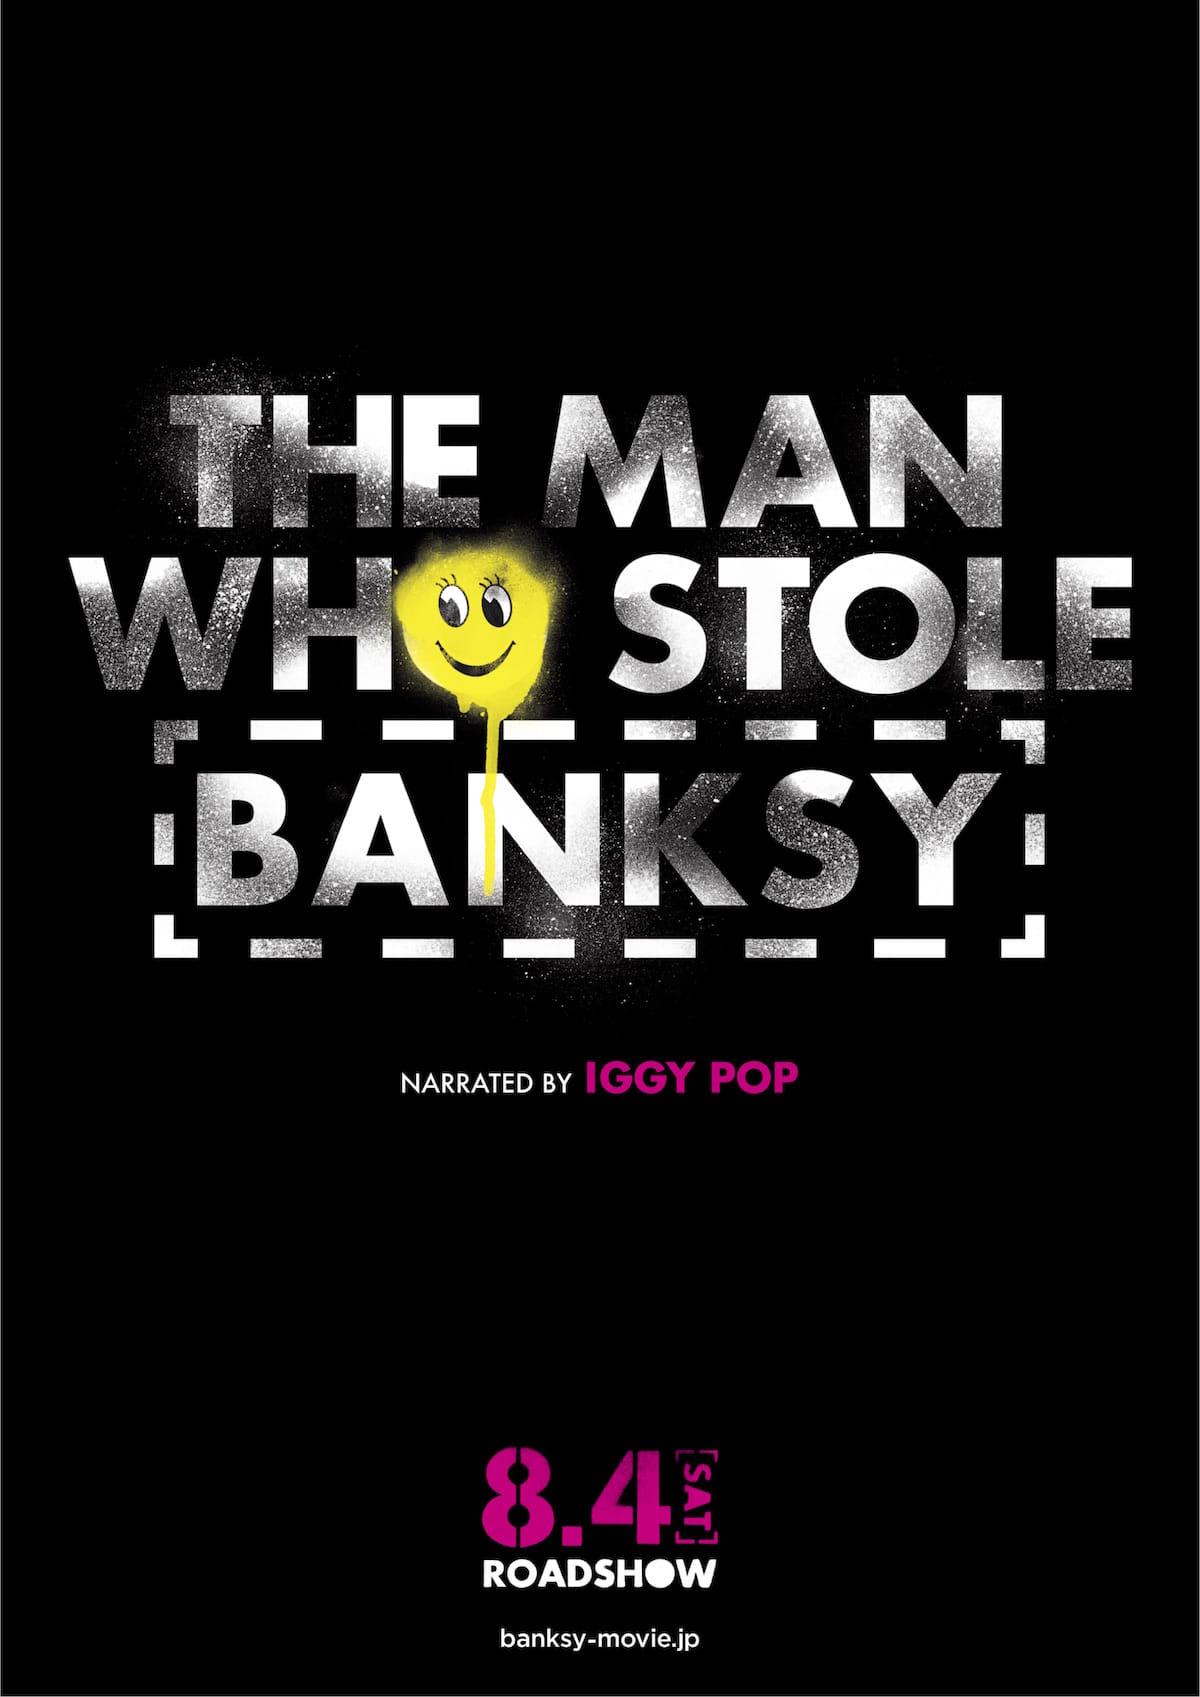 ドキュメンタリー映画『バンクシーを盗んだ男』邦題・公開決定!ナレーションはイギ―・ポップ! fil180412man-who-stole-banksy-1-1200x1697